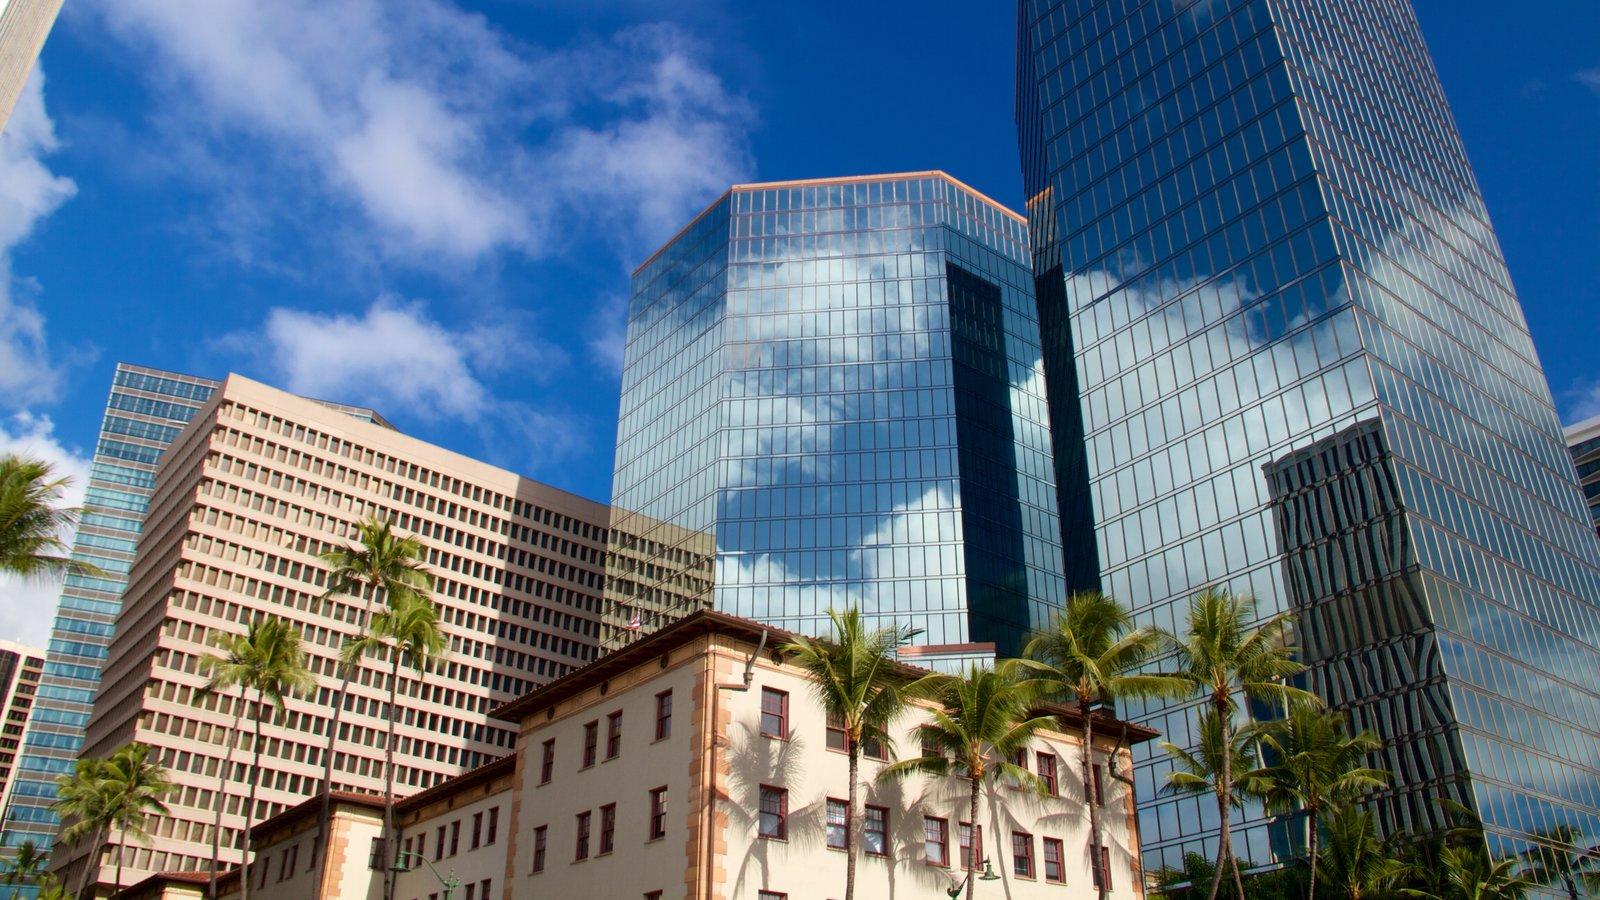 Oahu que inclui arquitetura moderna